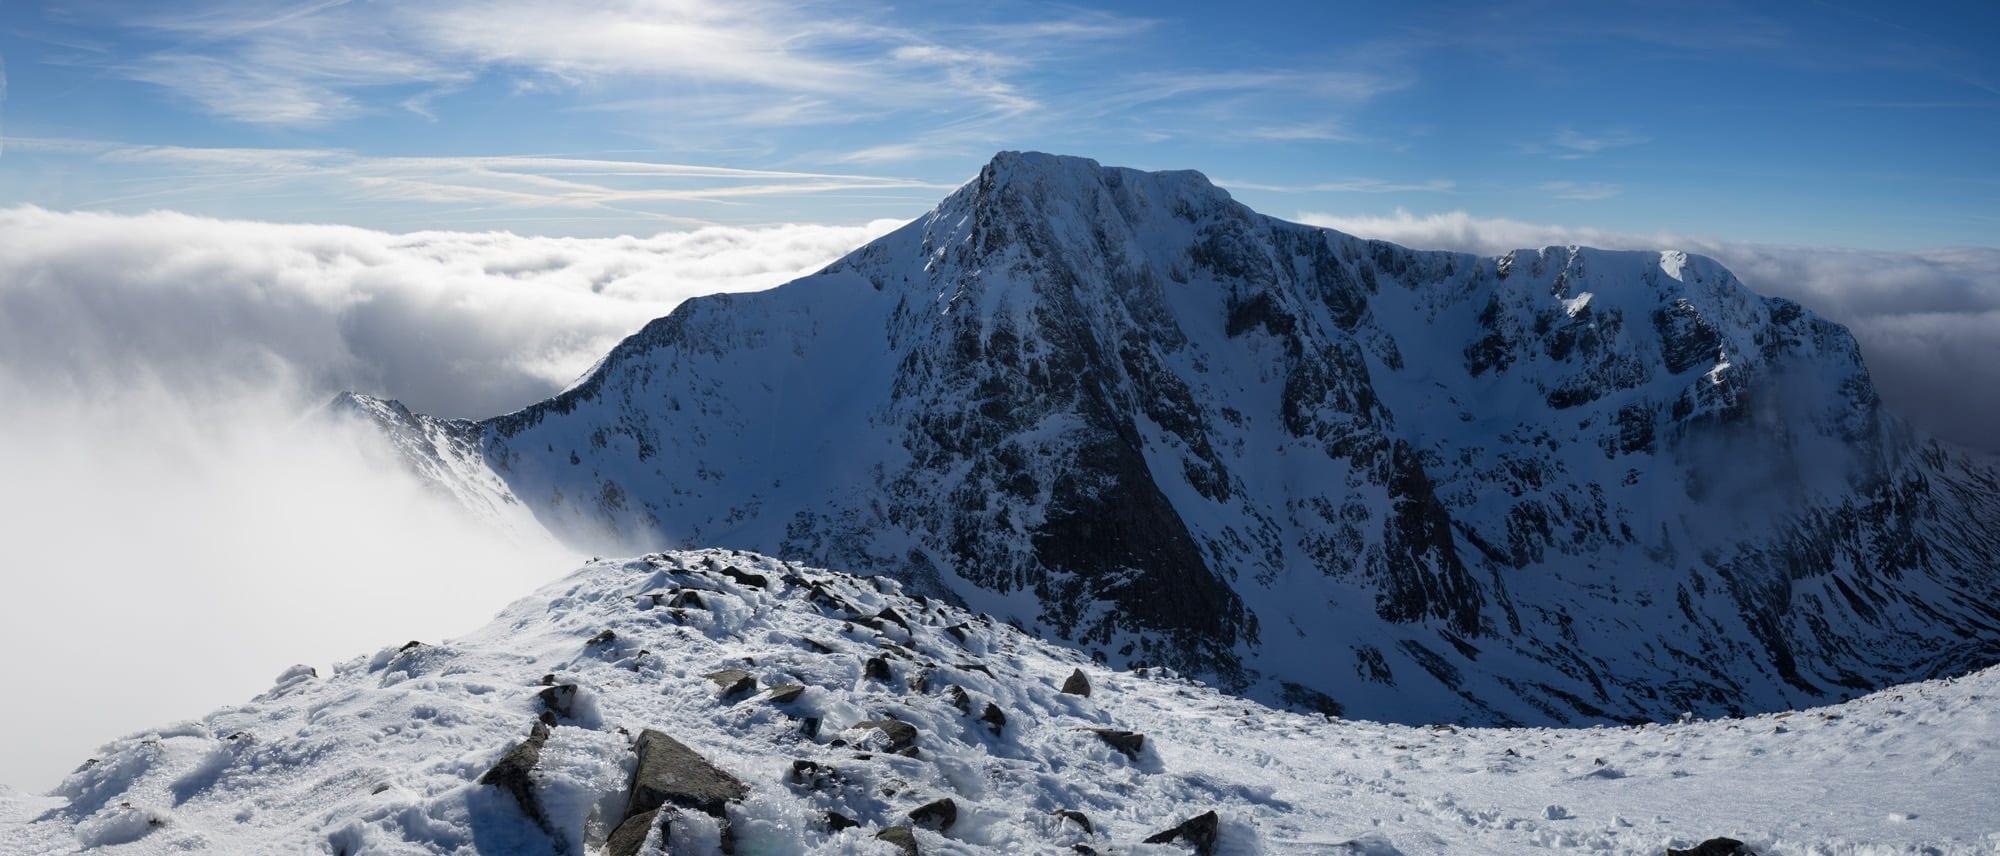 Carn Mor Dearg Inversion Towards Ben Nevis - Scotland Photography